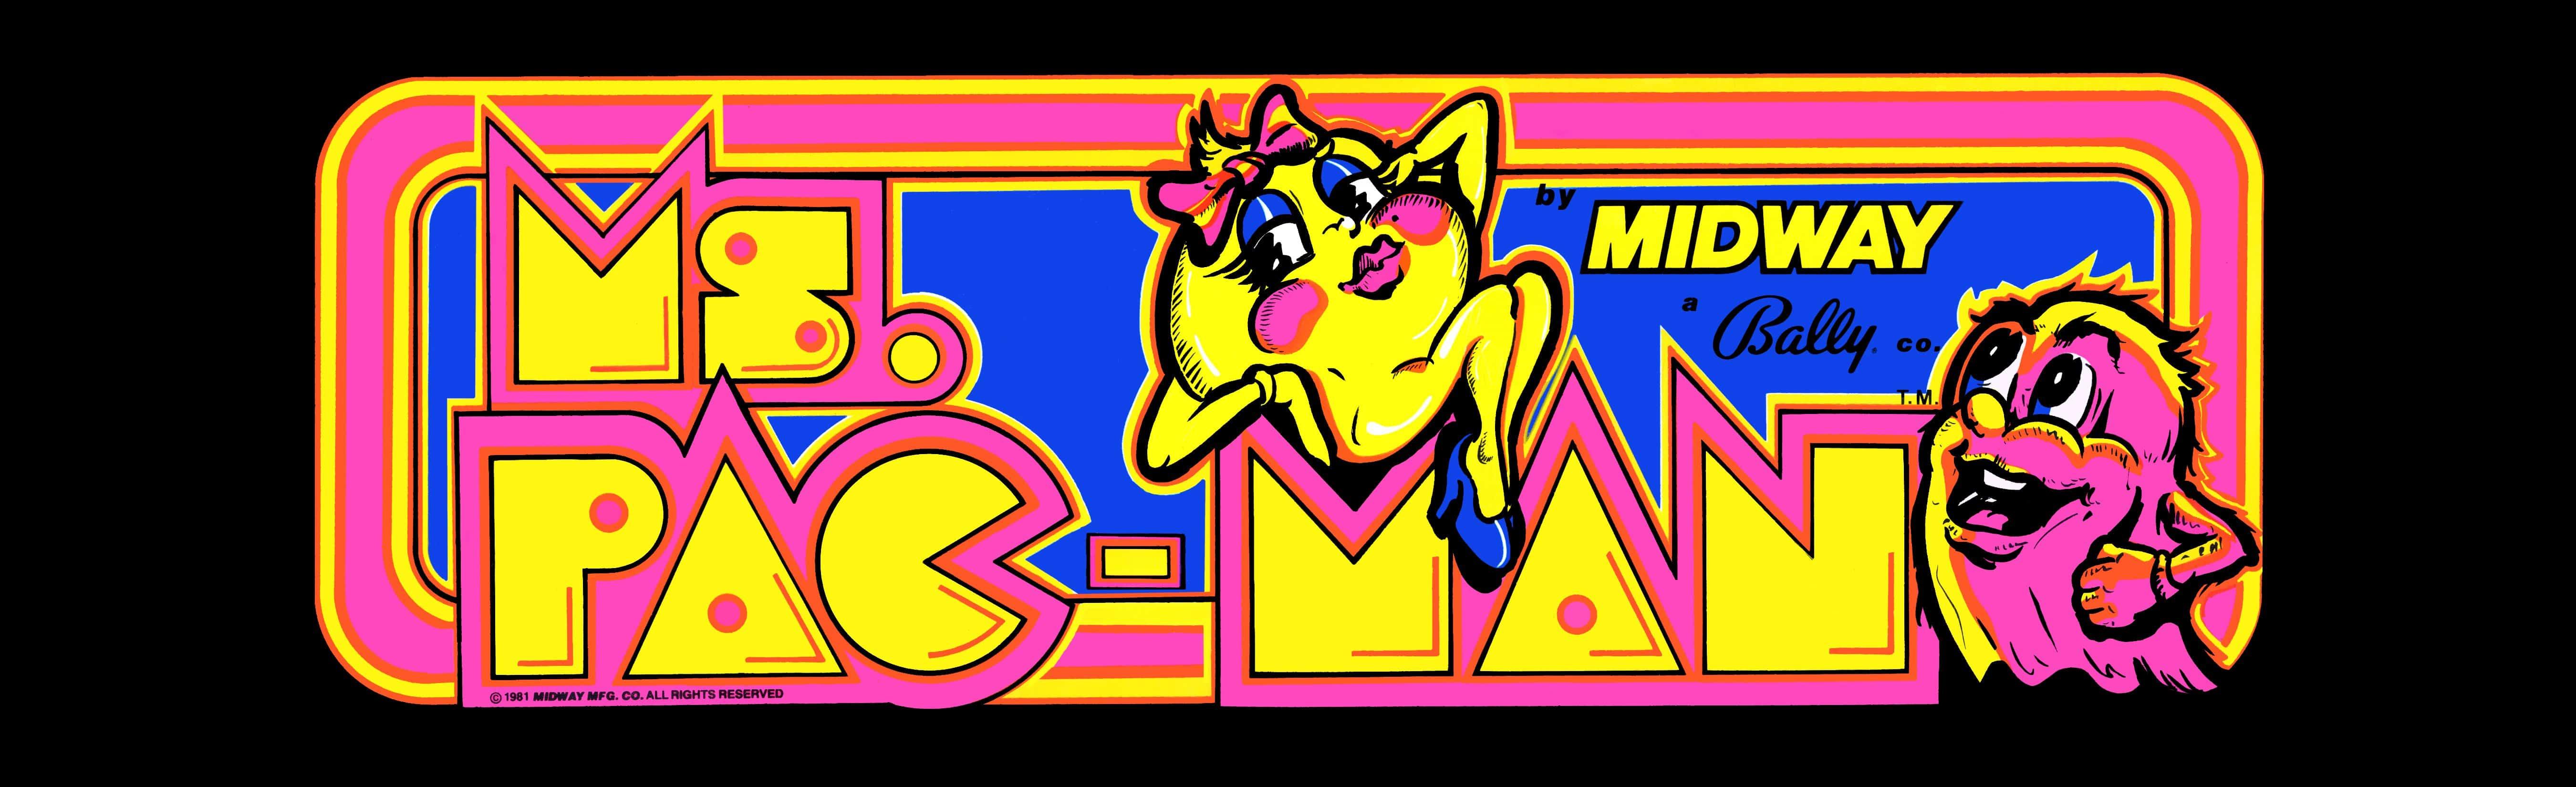 Ms. Pacman Arcade Rentals, Arcade Rentals